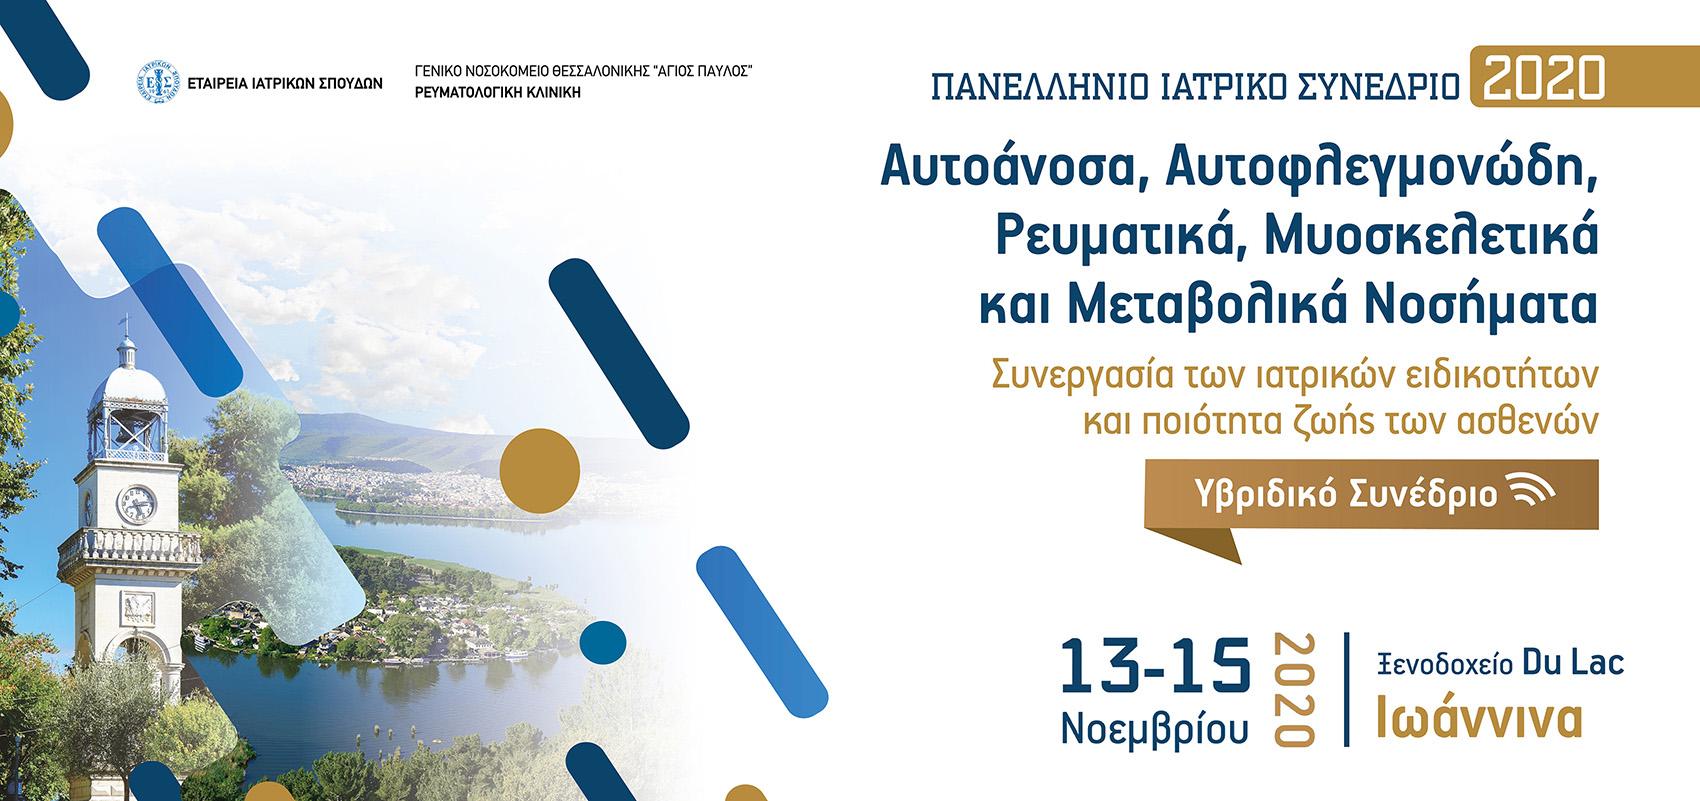 Πανελλήνιο Ιατρικό Συνέδριο 2020, Αυτοάνοσα, Αυτοφλεγμονώδη, Ρευματικά, Μυοσκελετικά και Μεταβολικά Νοσήματα